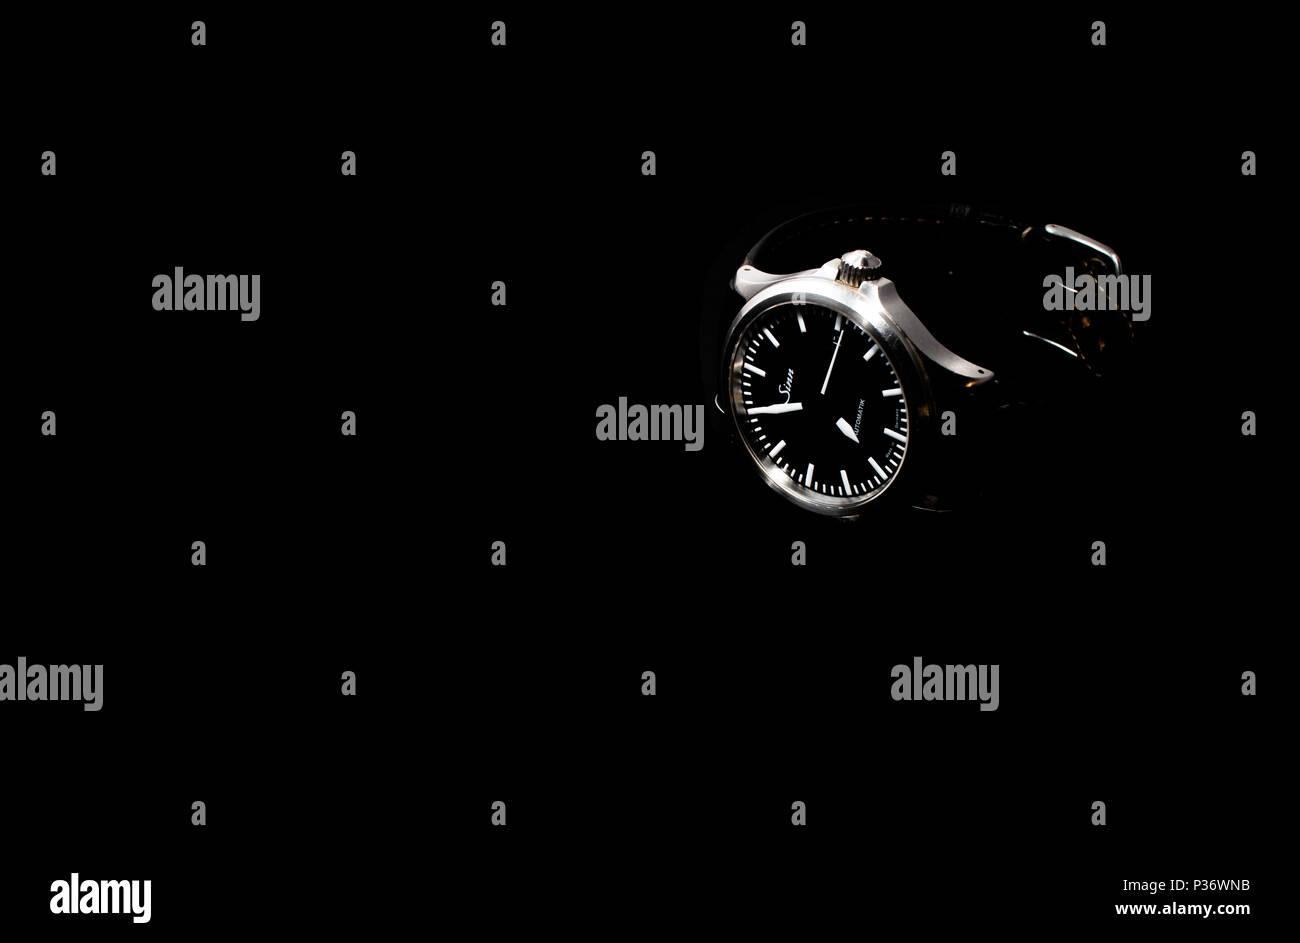 York, Großbritannien - 17.05.2018: Ein abgetragenes Sinn 556 ich automatische sehen Sie, in Deutschland gefertigt. Auf einem schwarzen Hintergrund. Stockbild